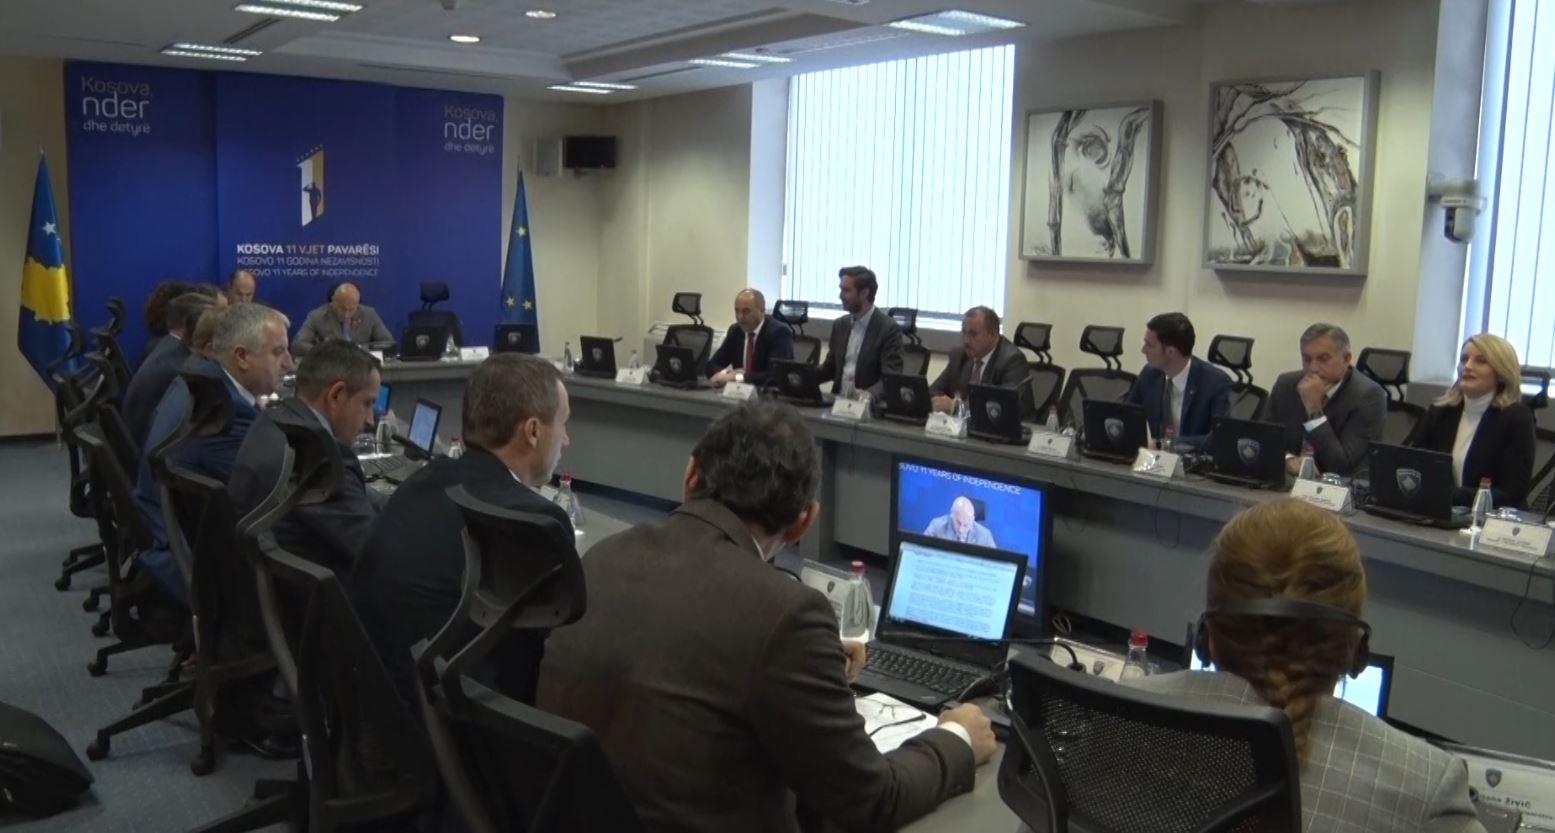 Analistët në Kosovë: Qëndrimi i Haradinajt për taksën ndaj Serbisë është zbutur